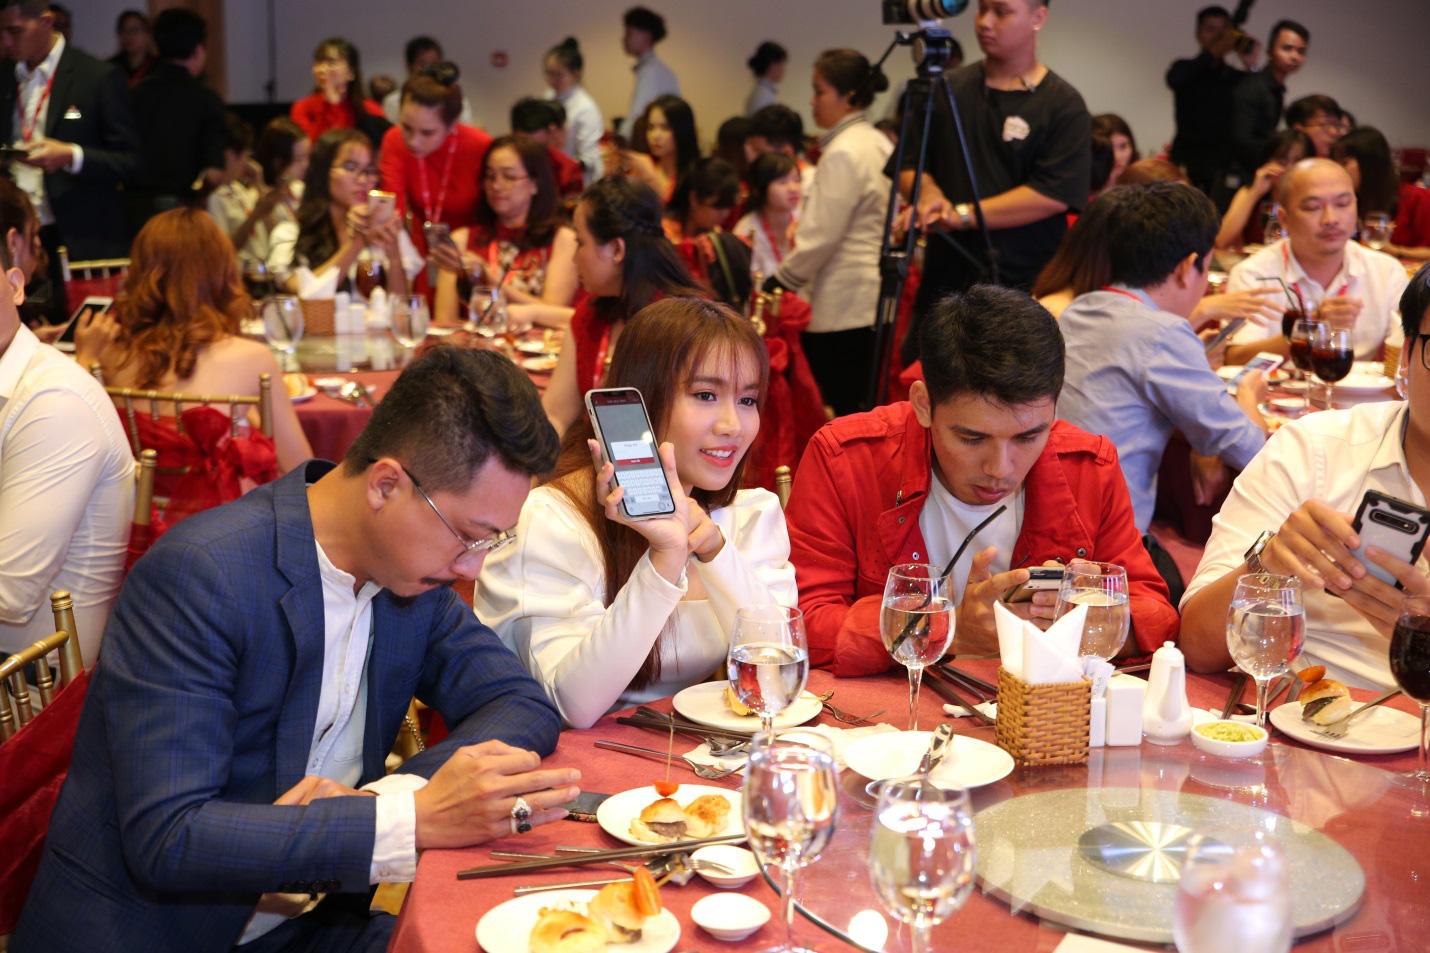 Hơn 600 khách hàng tham dự dạ tiệc tri ân khách hàng của SeoulSpa.Vn - Ảnh 5.